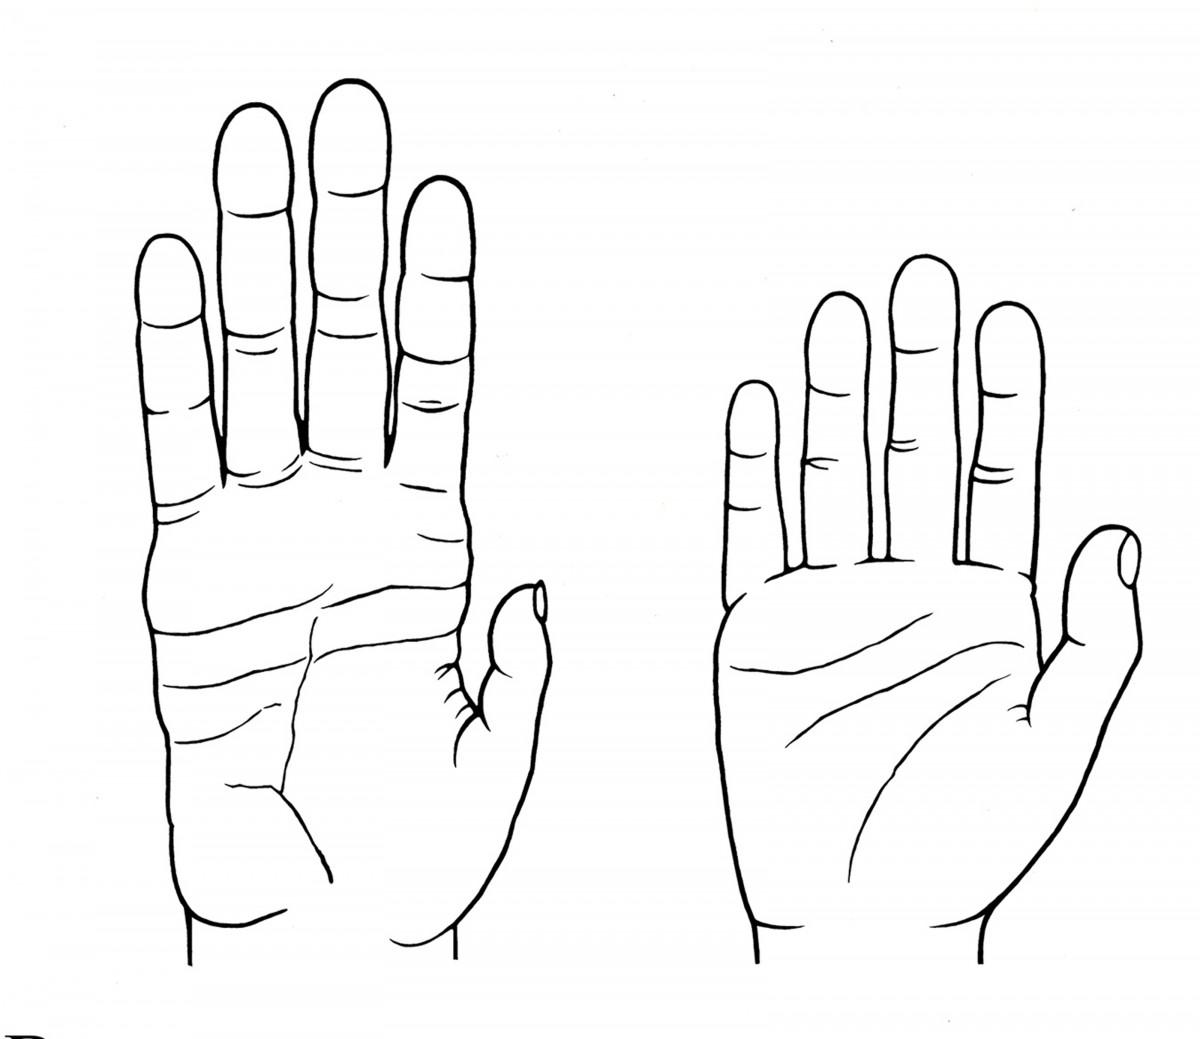 Sol tarafta bir şempanzenin eli gözükmektedir. Sağ tarafta ise insanın eli...